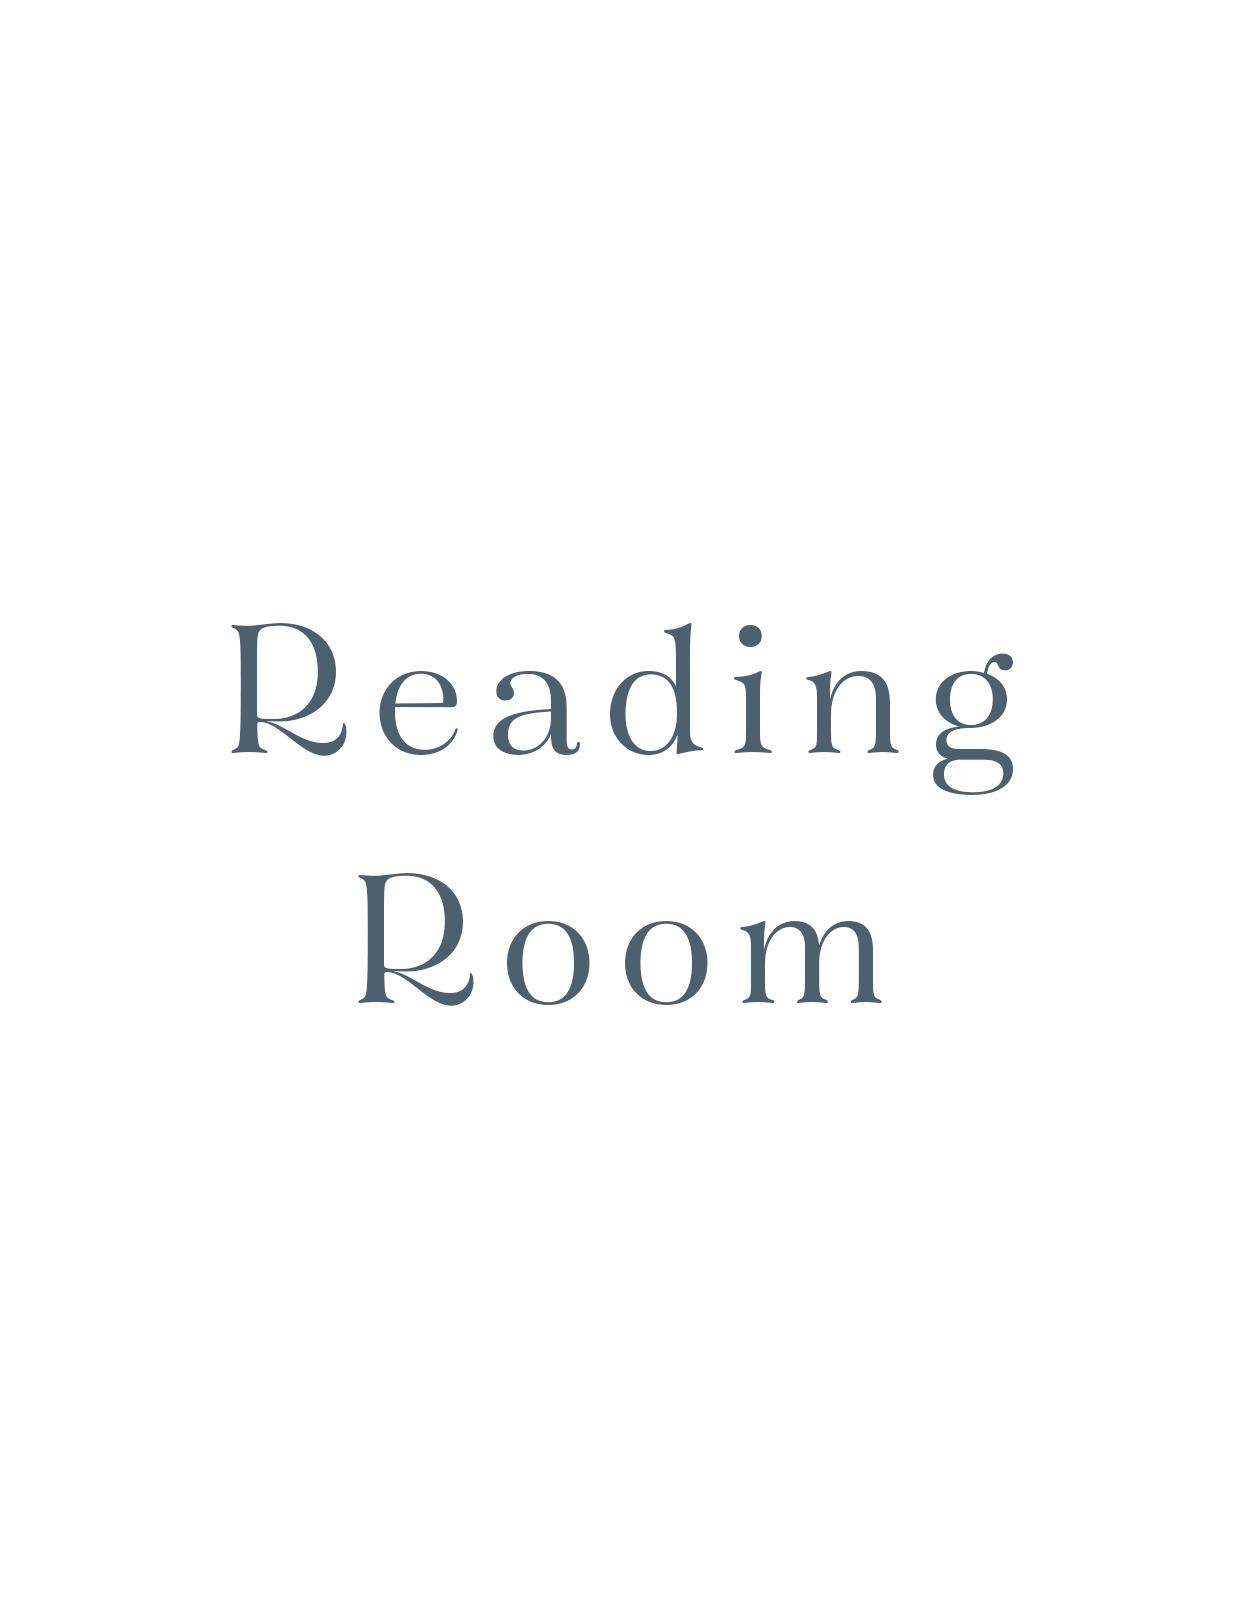 Reading-Room.jpg